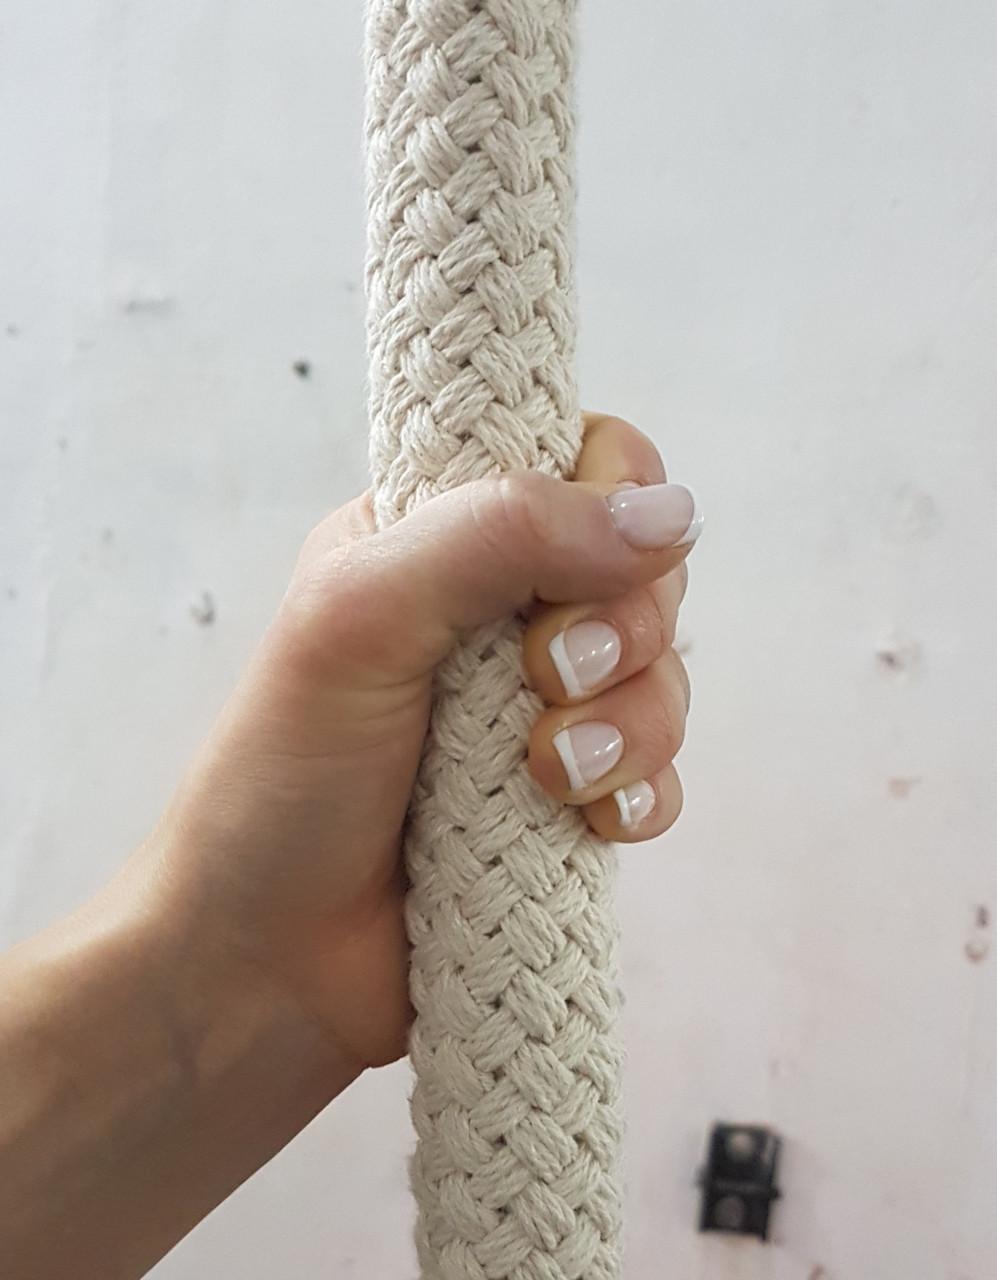 Канат для воздушной гимнастики Белый 36мм 100% Хлопок 7м